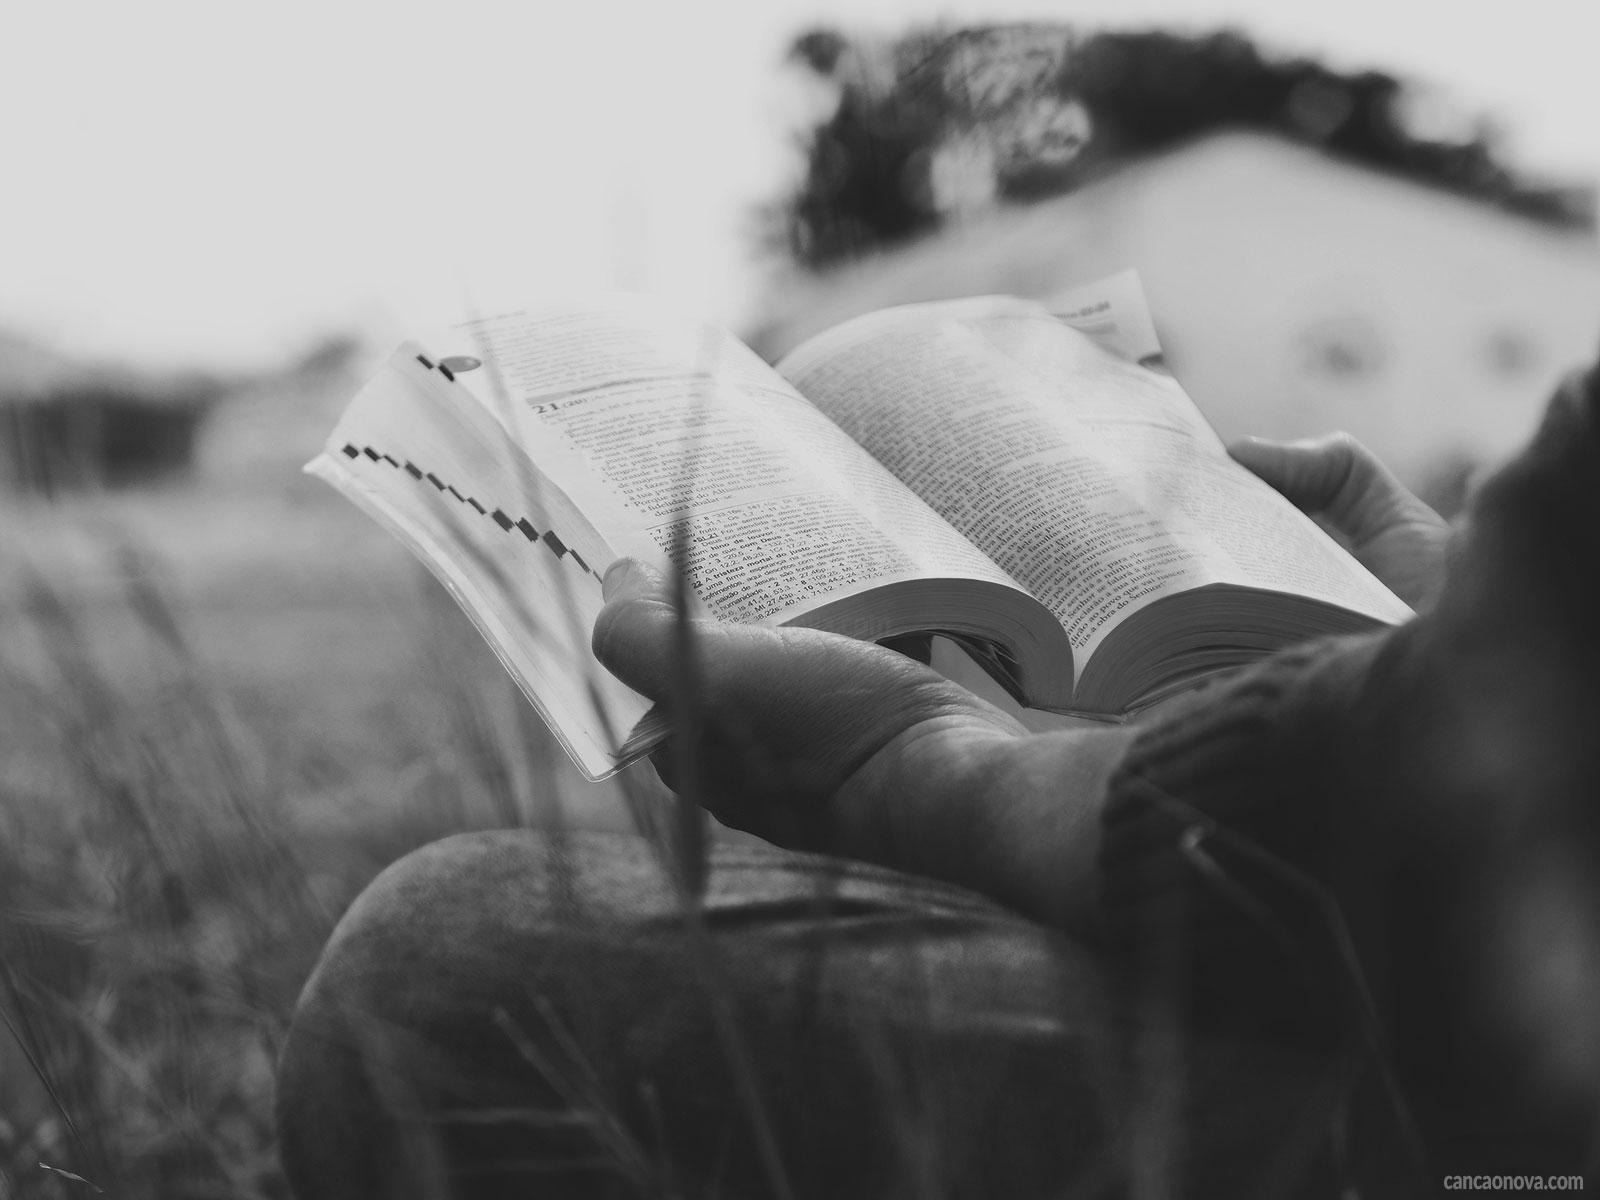 É-preciso-vivenciar-o-Evangelho-em-sua-profundidade-e-radicalidade